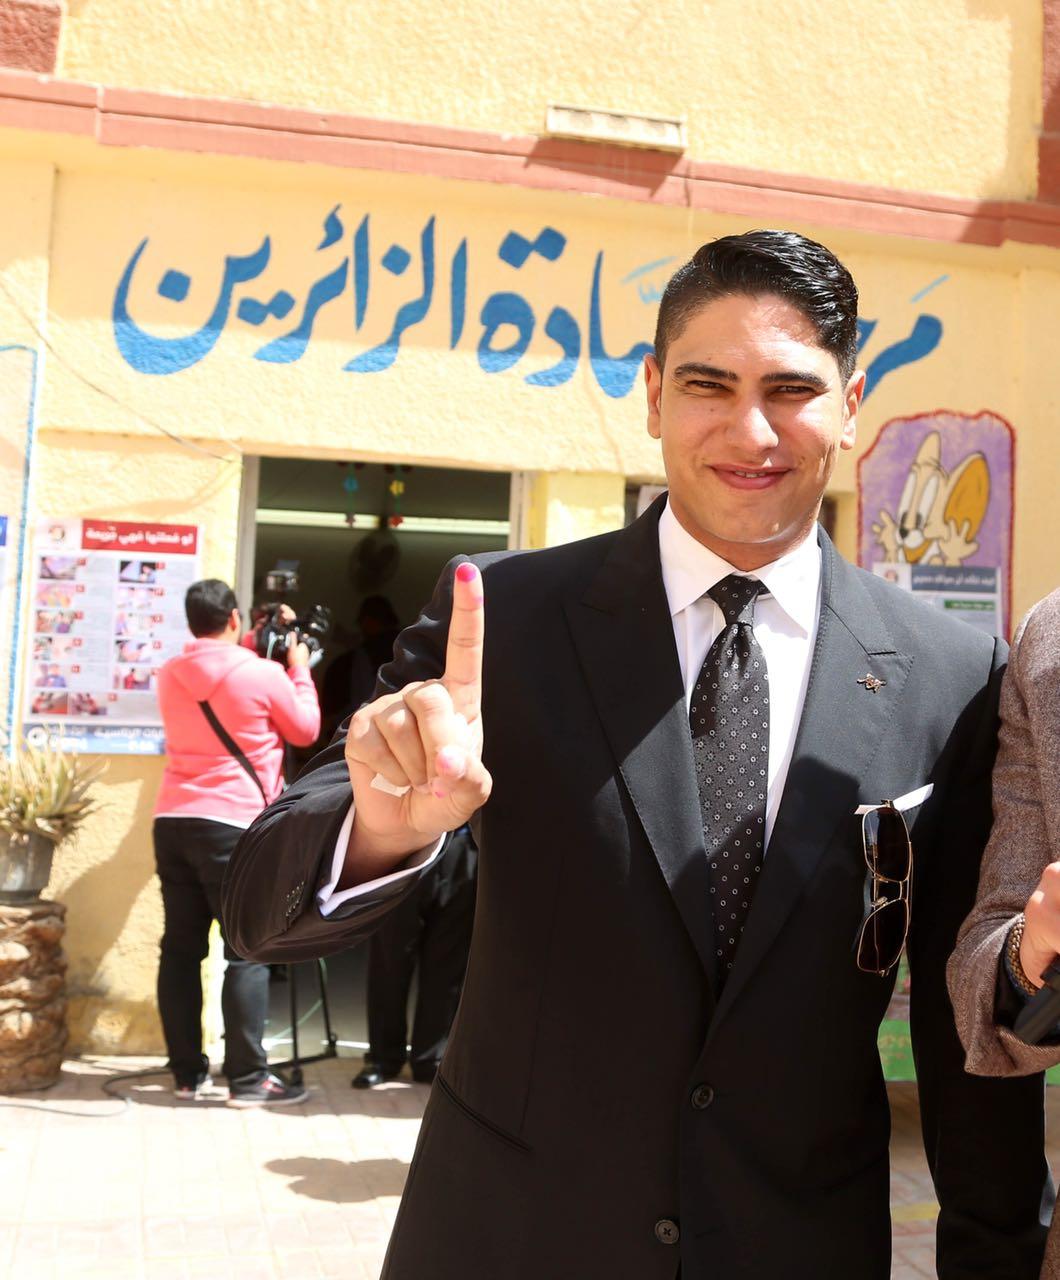 رجل الأعمال أحمد أبو هشيمة يدلى بصوته فى الإنتخابات الرئاسية (3)